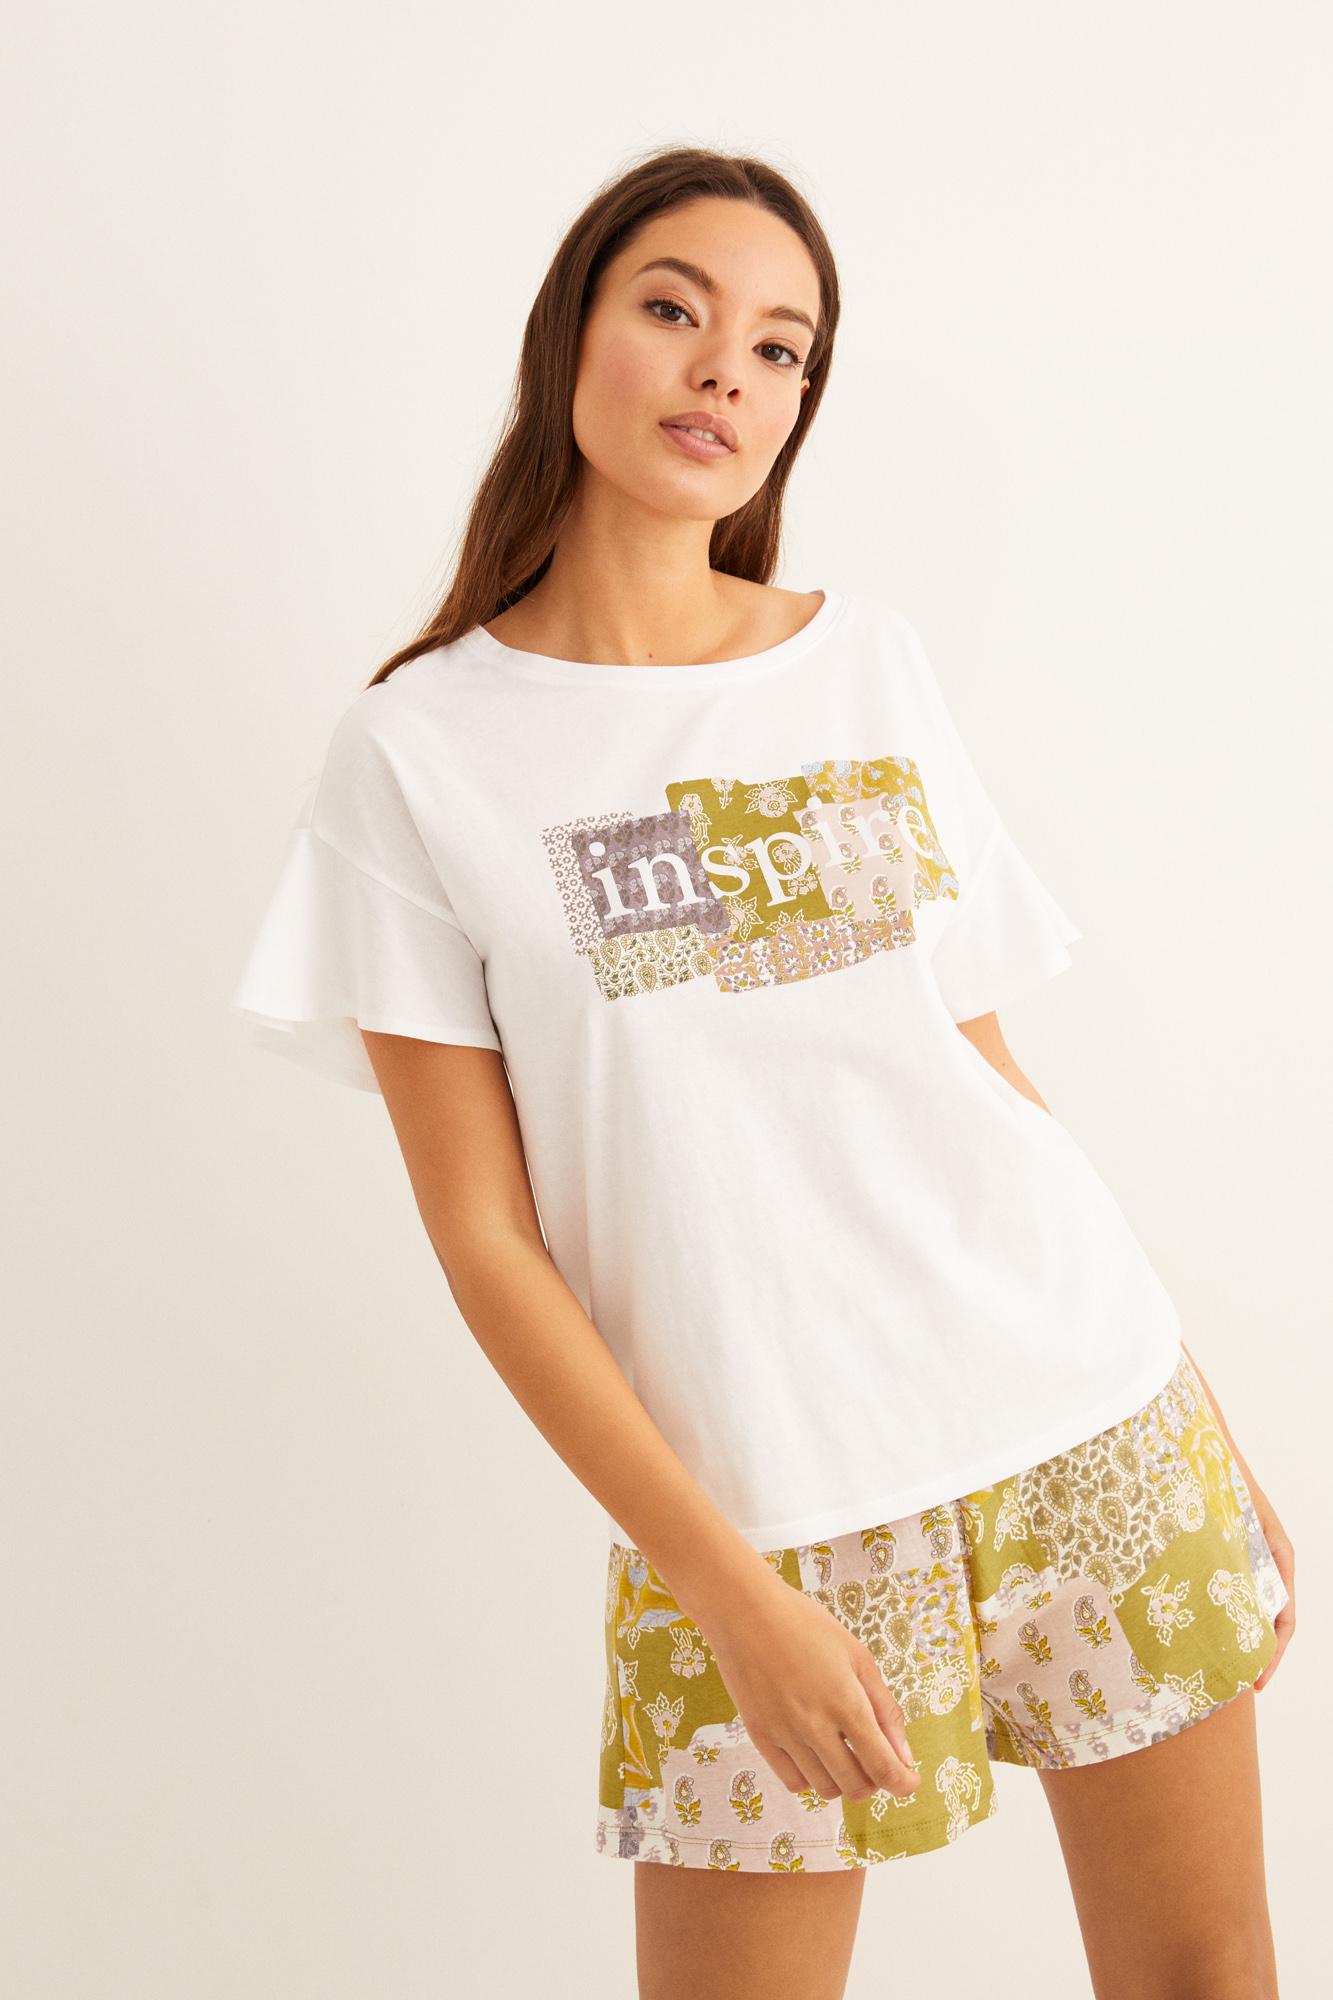 Pijama corto 'Inspire' | Pijamas cortos | Women'secret